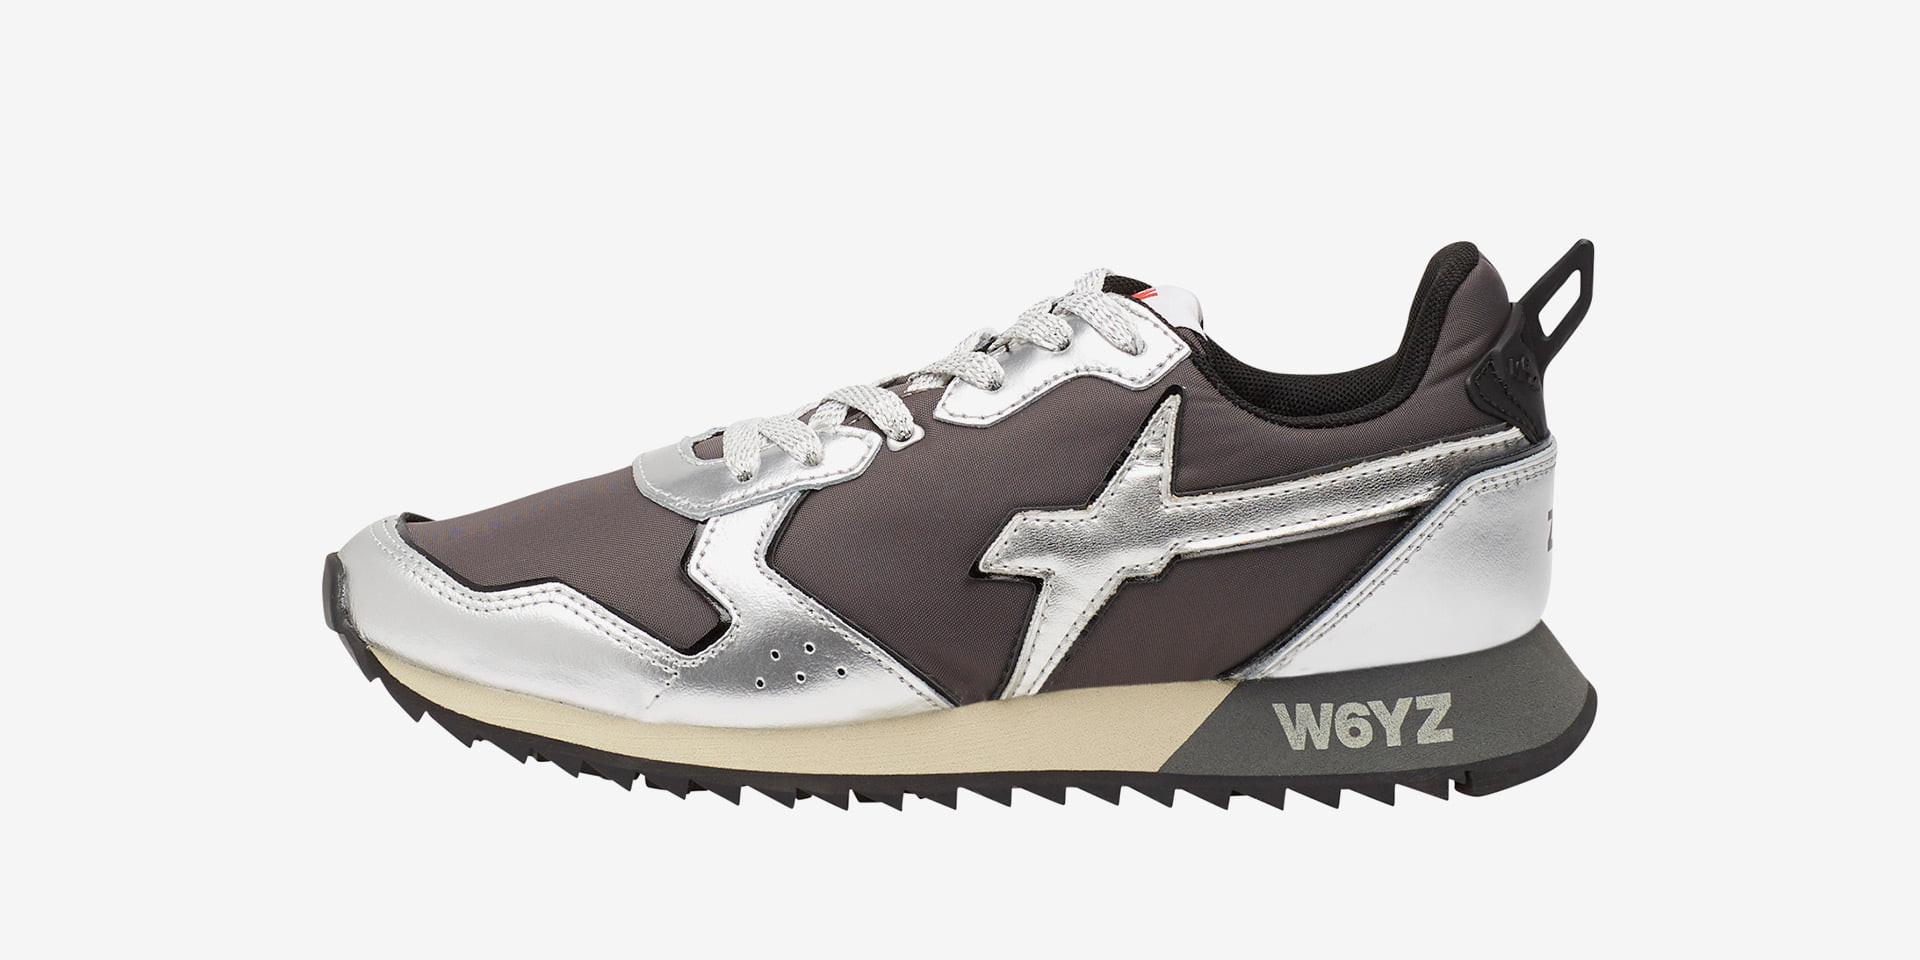 JET-W. - Sneakers in pelle e tessuto - Argento